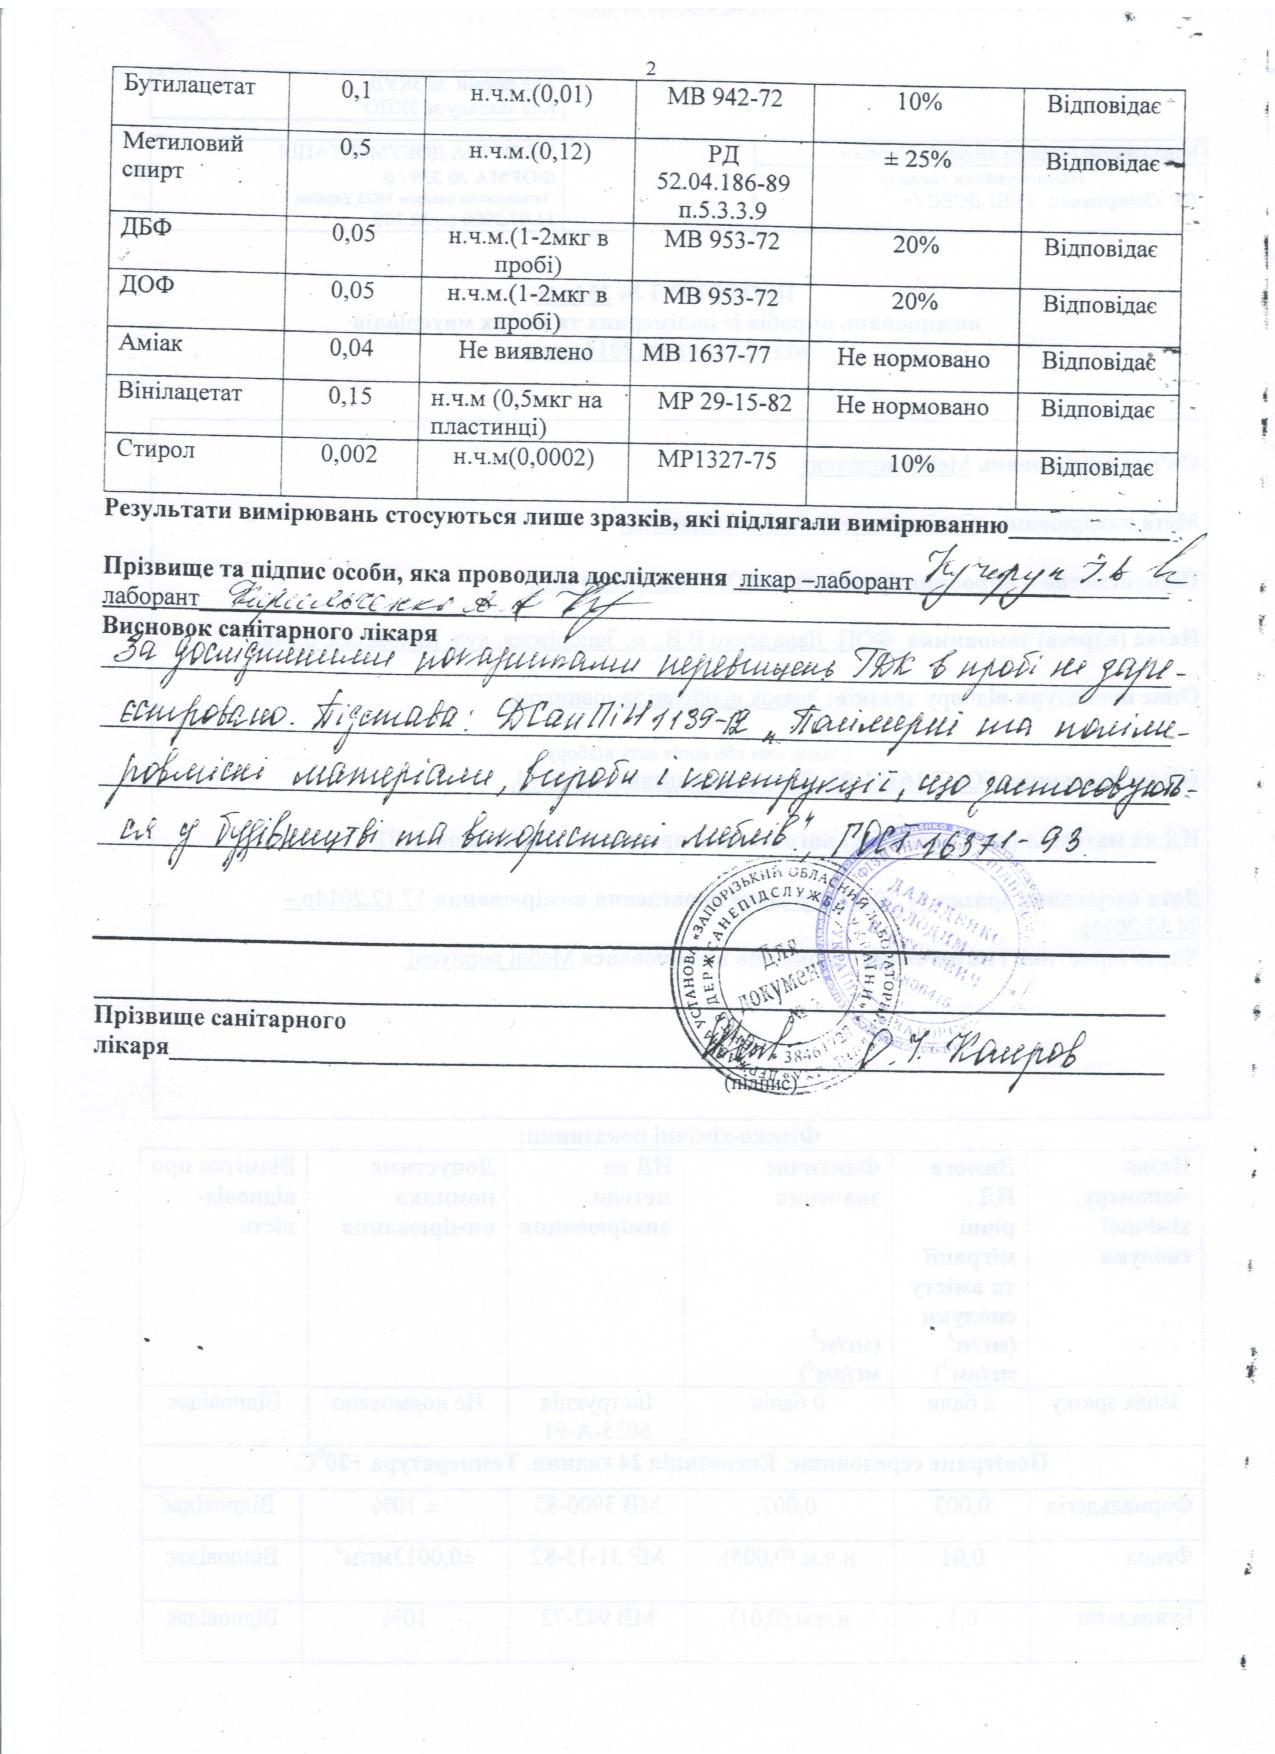 Протокол исследования изделий из ДСП на содержание примесей (лист 2)